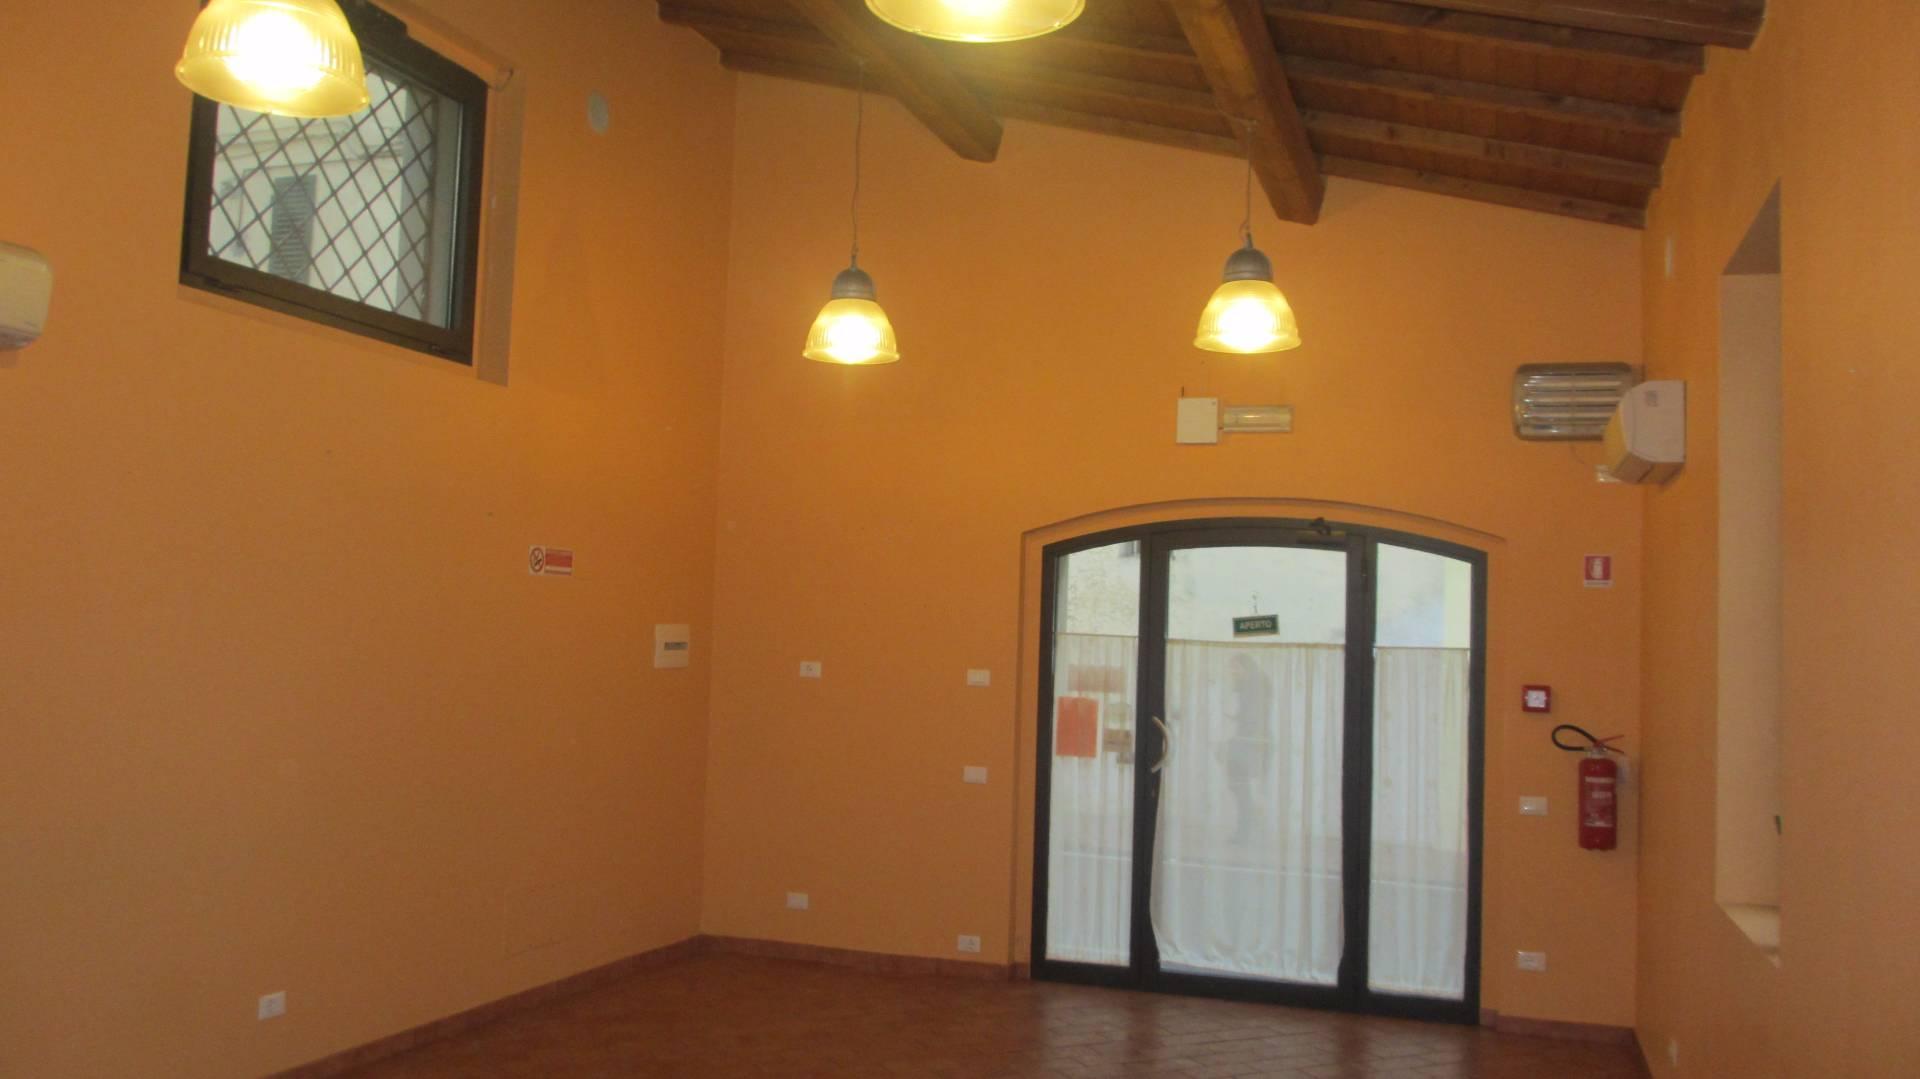 Attività / Licenza in affitto a Montelupo Fiorentino, 9999 locali, prezzo € 1.200 | Cambio Casa.it